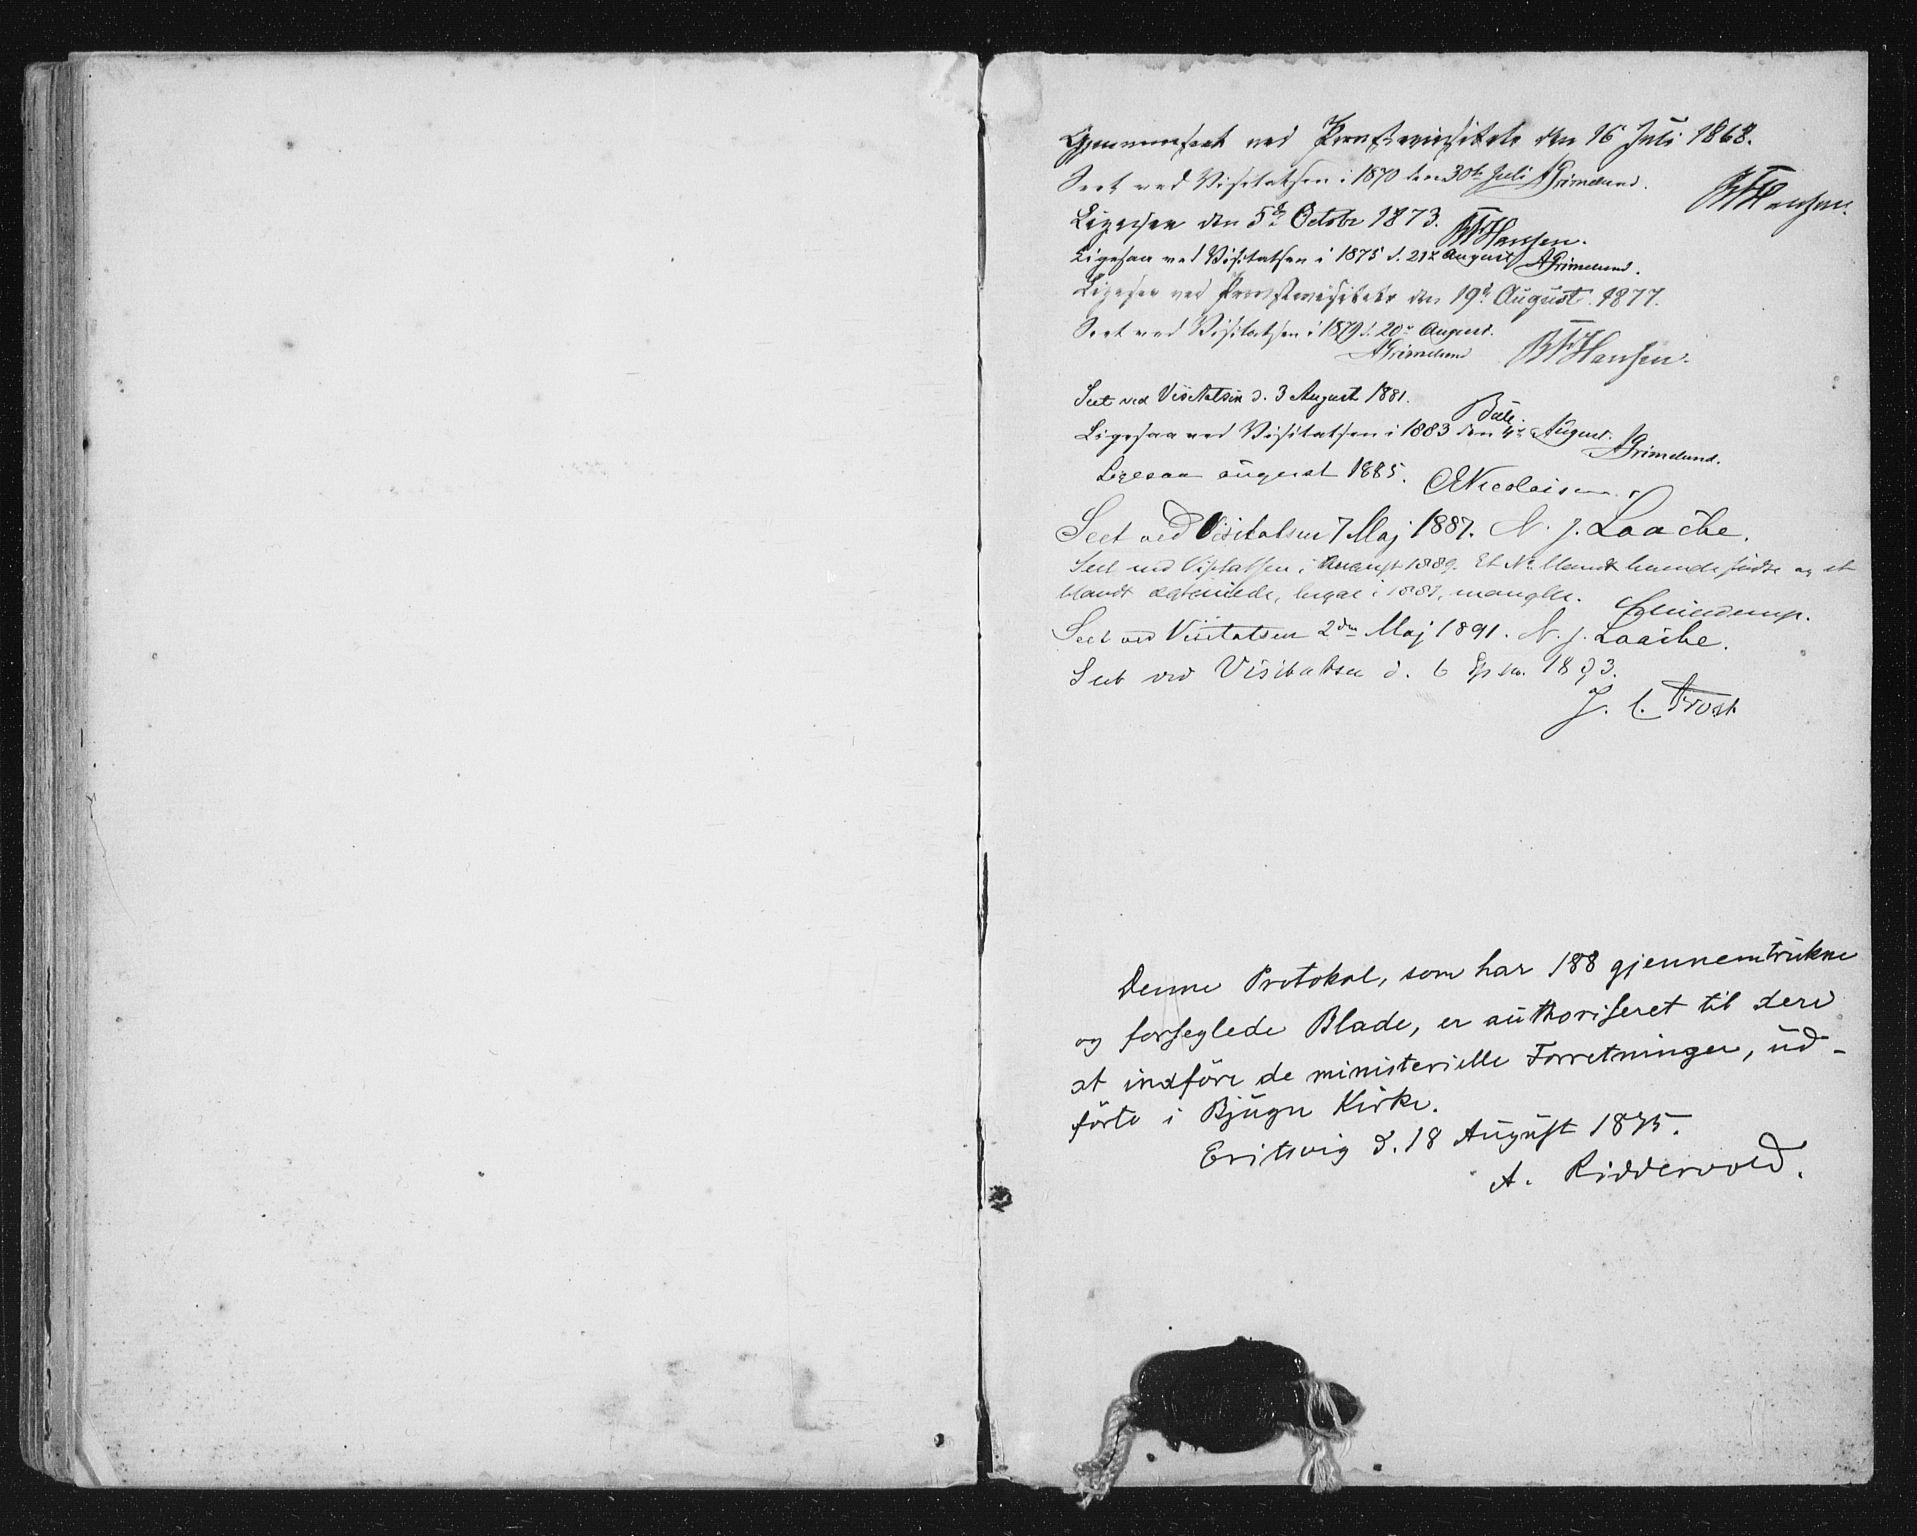 SAT, Ministerialprotokoller, klokkerbøker og fødselsregistre - Sør-Trøndelag, 651/L0647: Klokkerbok nr. 651C01, 1866-1914